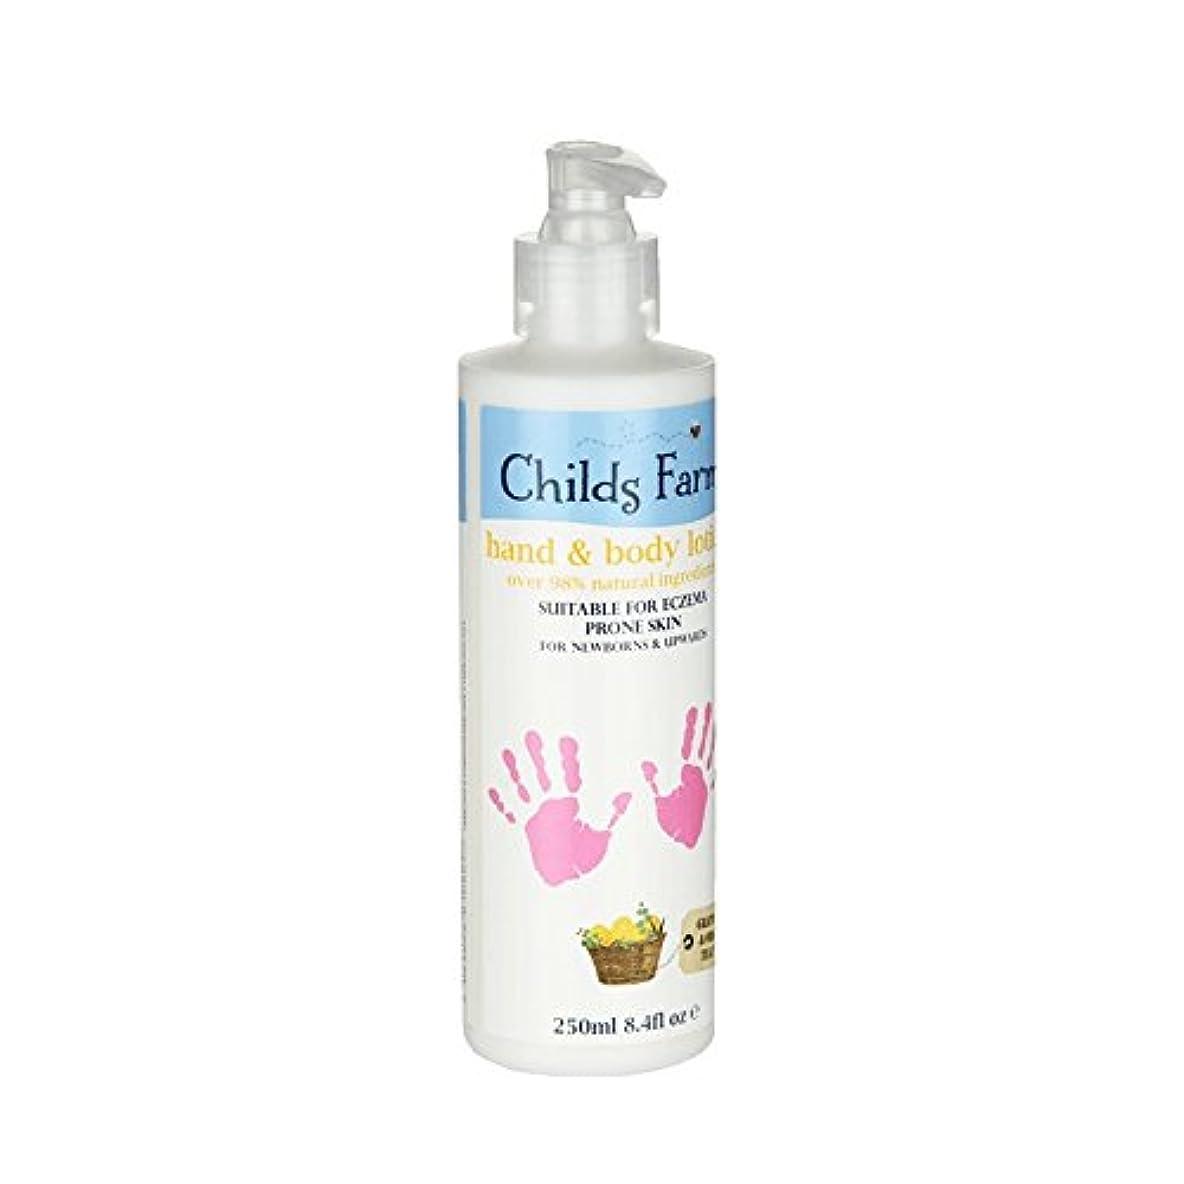 決済ダーツ解明絹のような肌の250ミリリットルのためのチャイルズファームハンド&ボディローション - Childs Farm Hand & Body Lotion for Silky Skin 250ml (Childs Farm) [並行輸入品]